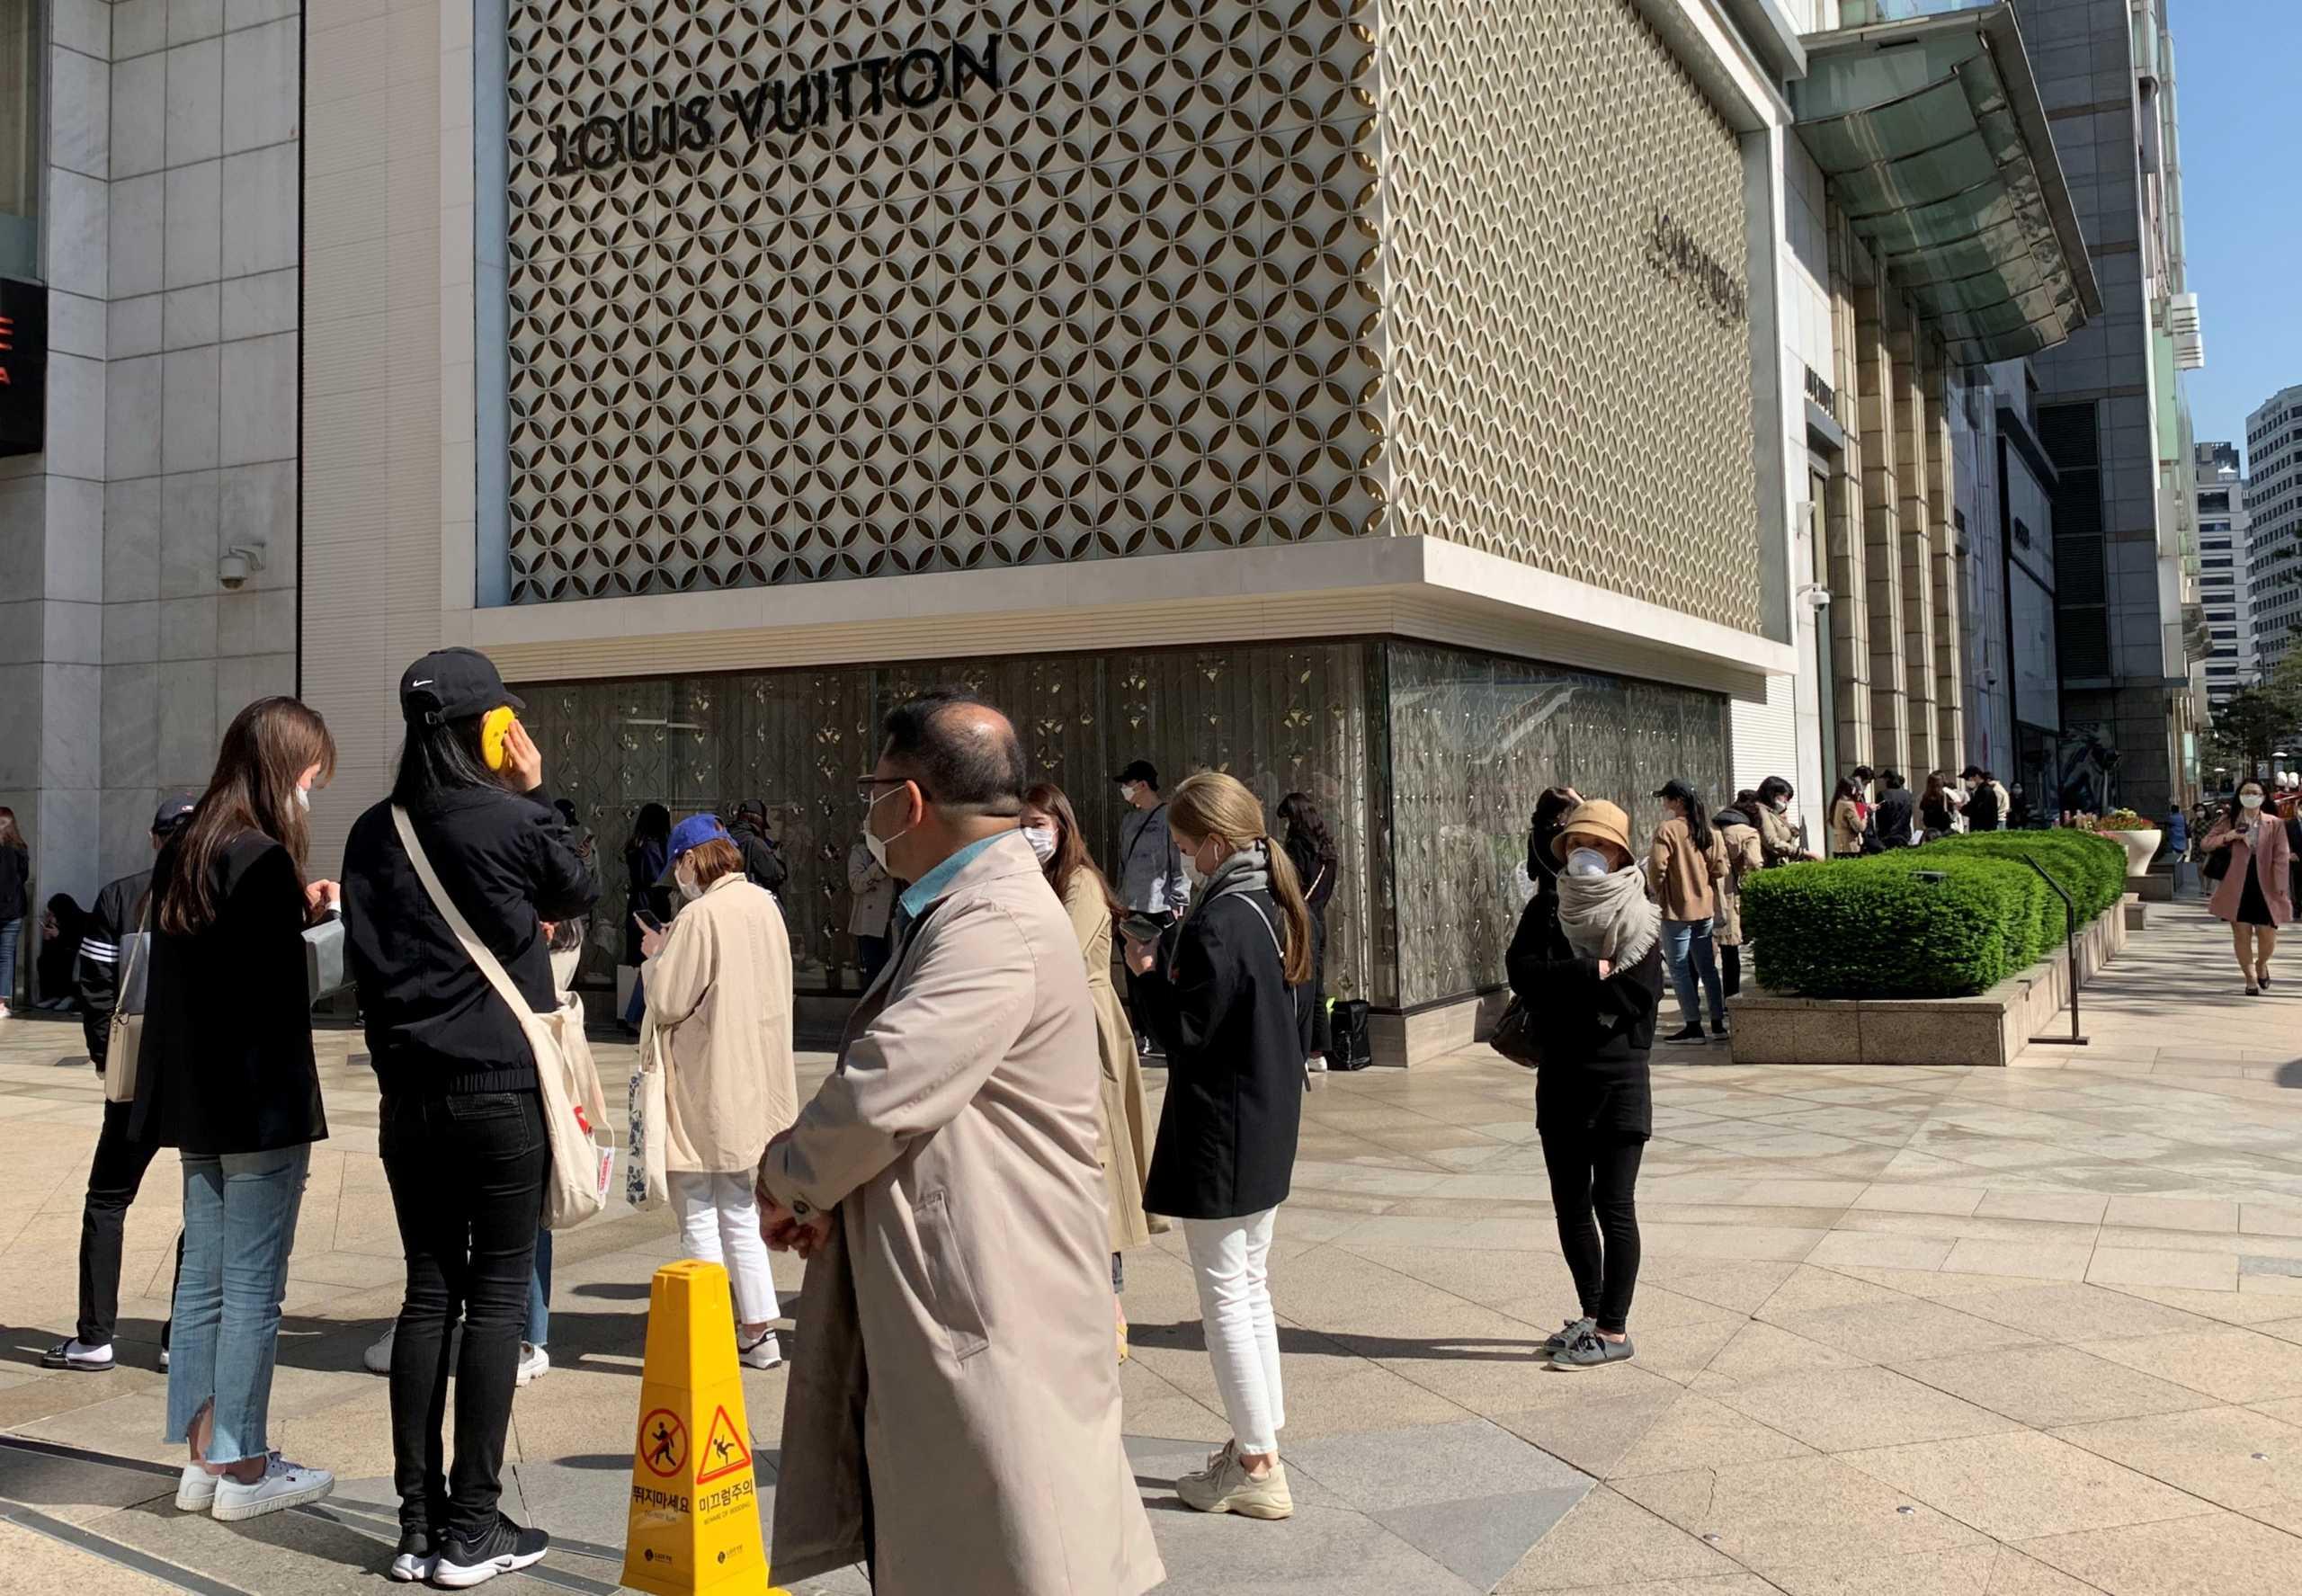 Σεούλ: Ποιος κορονοϊός; Τεράστια ουρά έξω από… το κατάστημα της Chanel! (video)